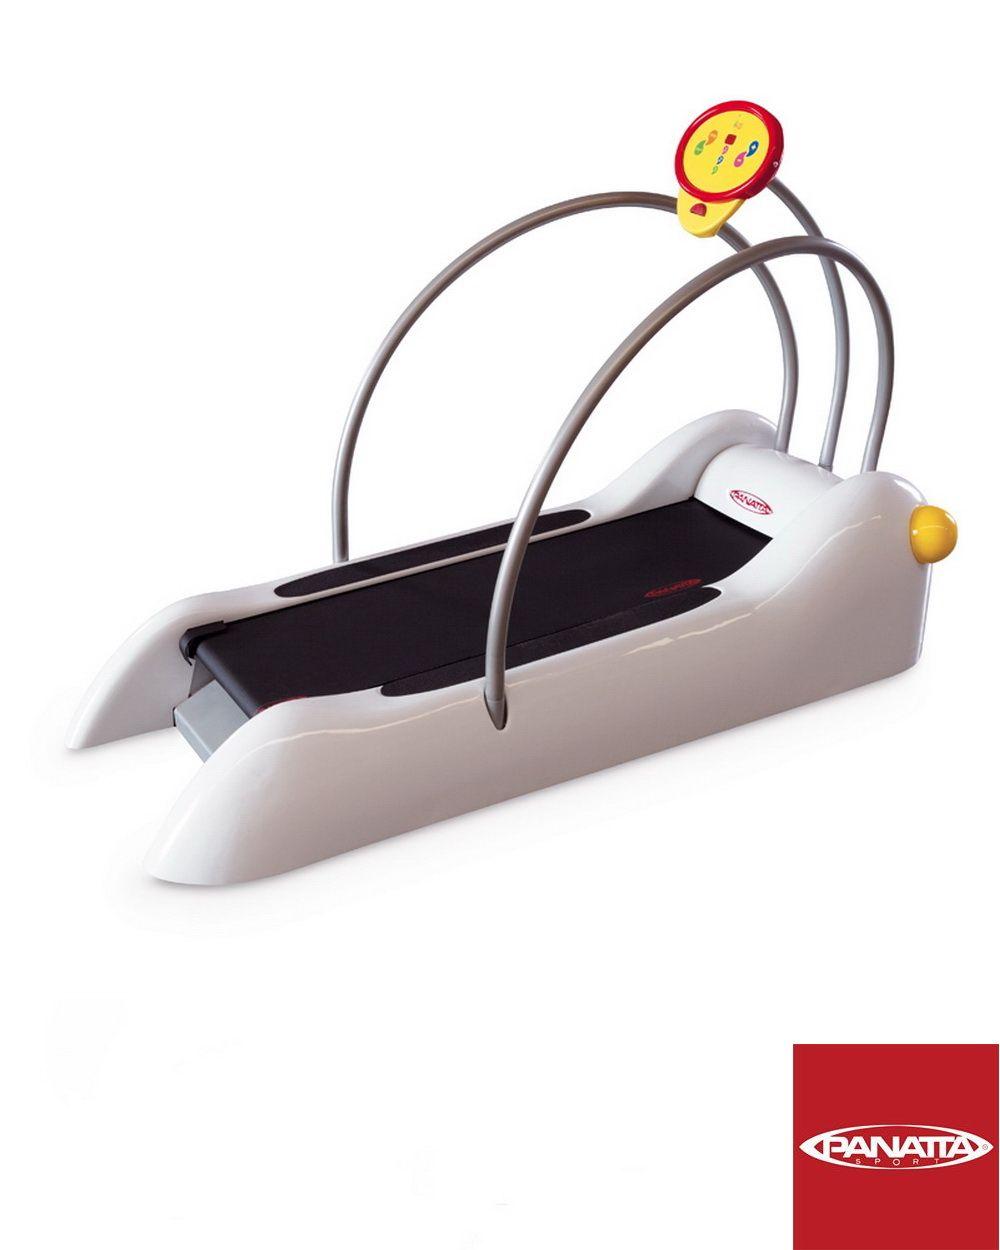 Panatta Sport Alex Runner Treadmill Buck Coisas Para Comprar